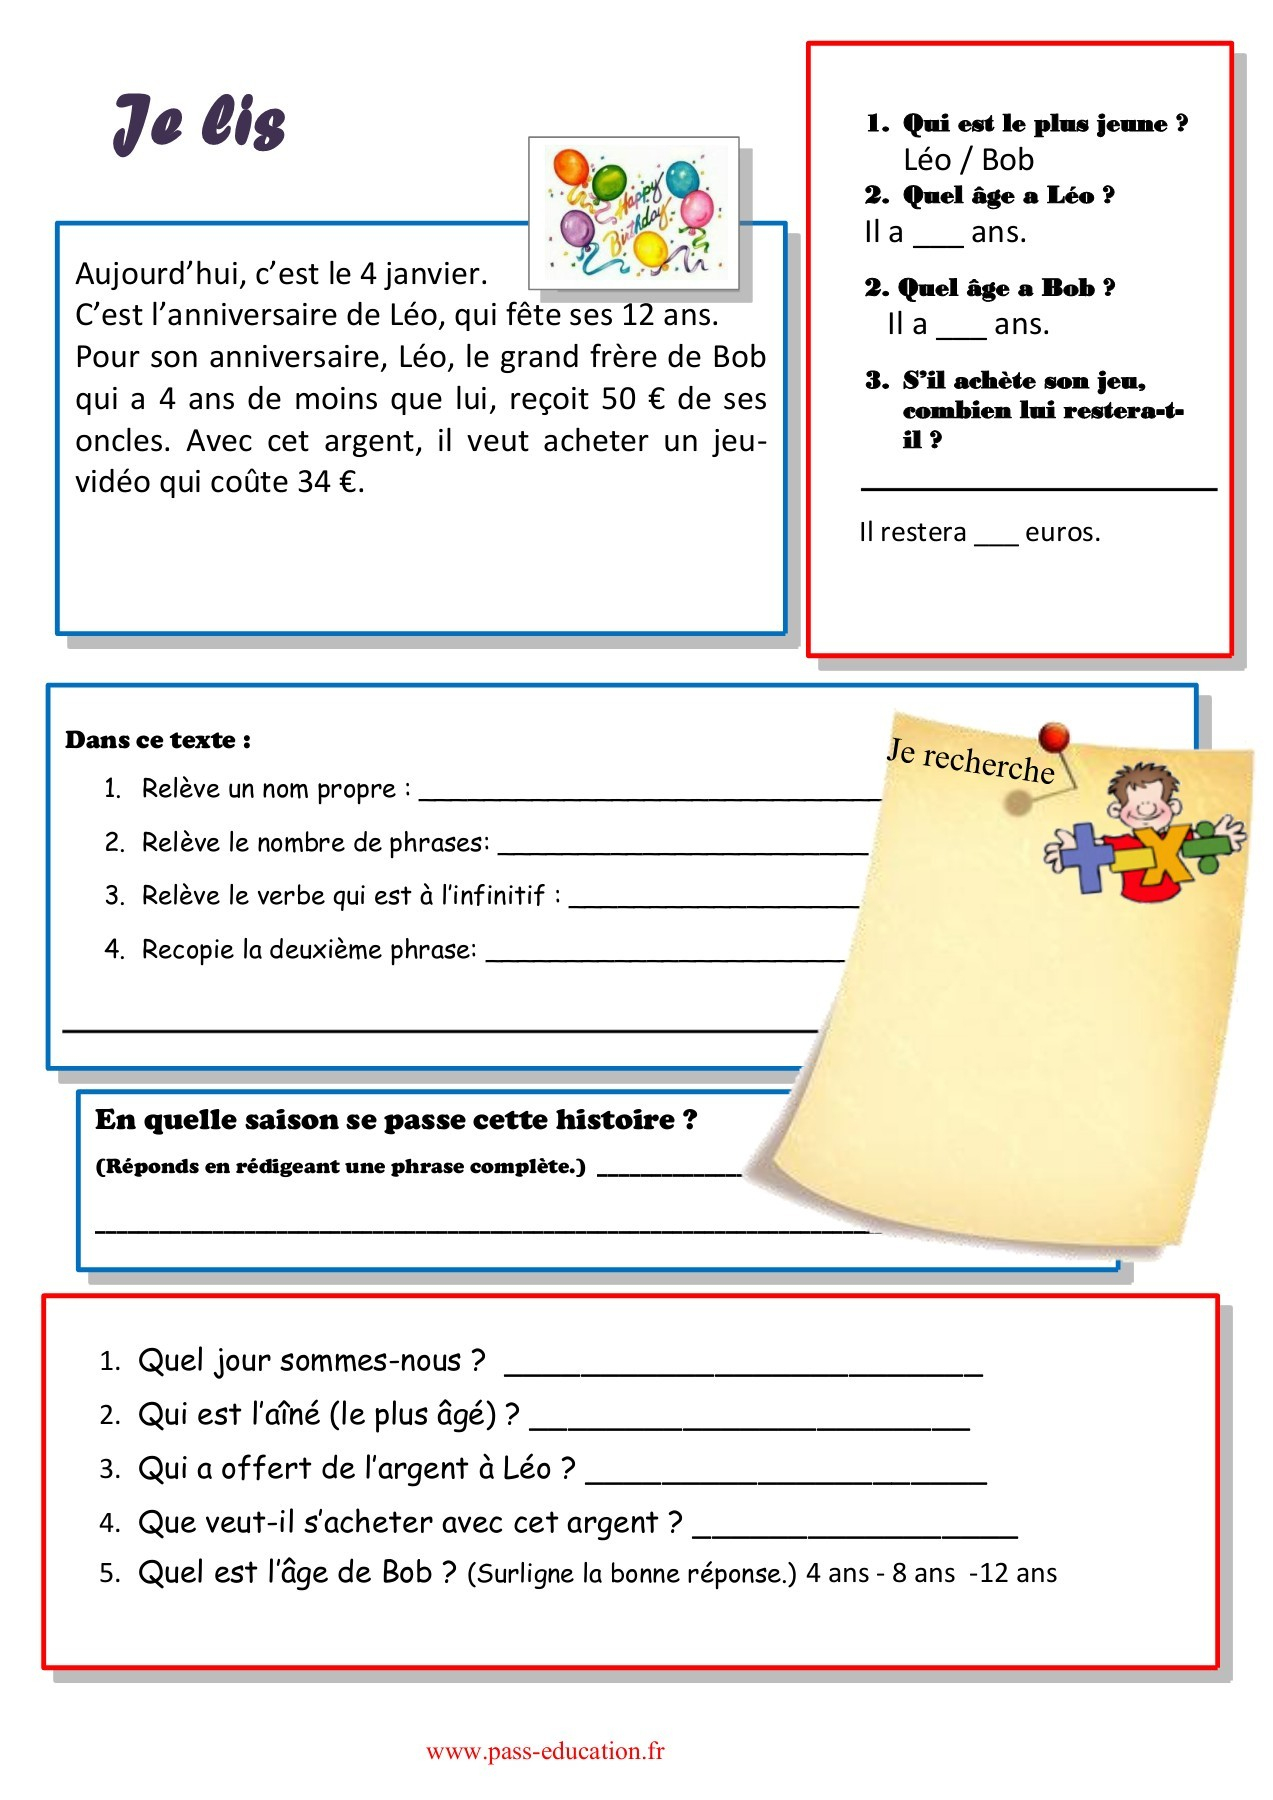 Devoir De Vacances Ce2 | Bio Mind Share concernant Cahier De Vacances Gratuit A Imprimer